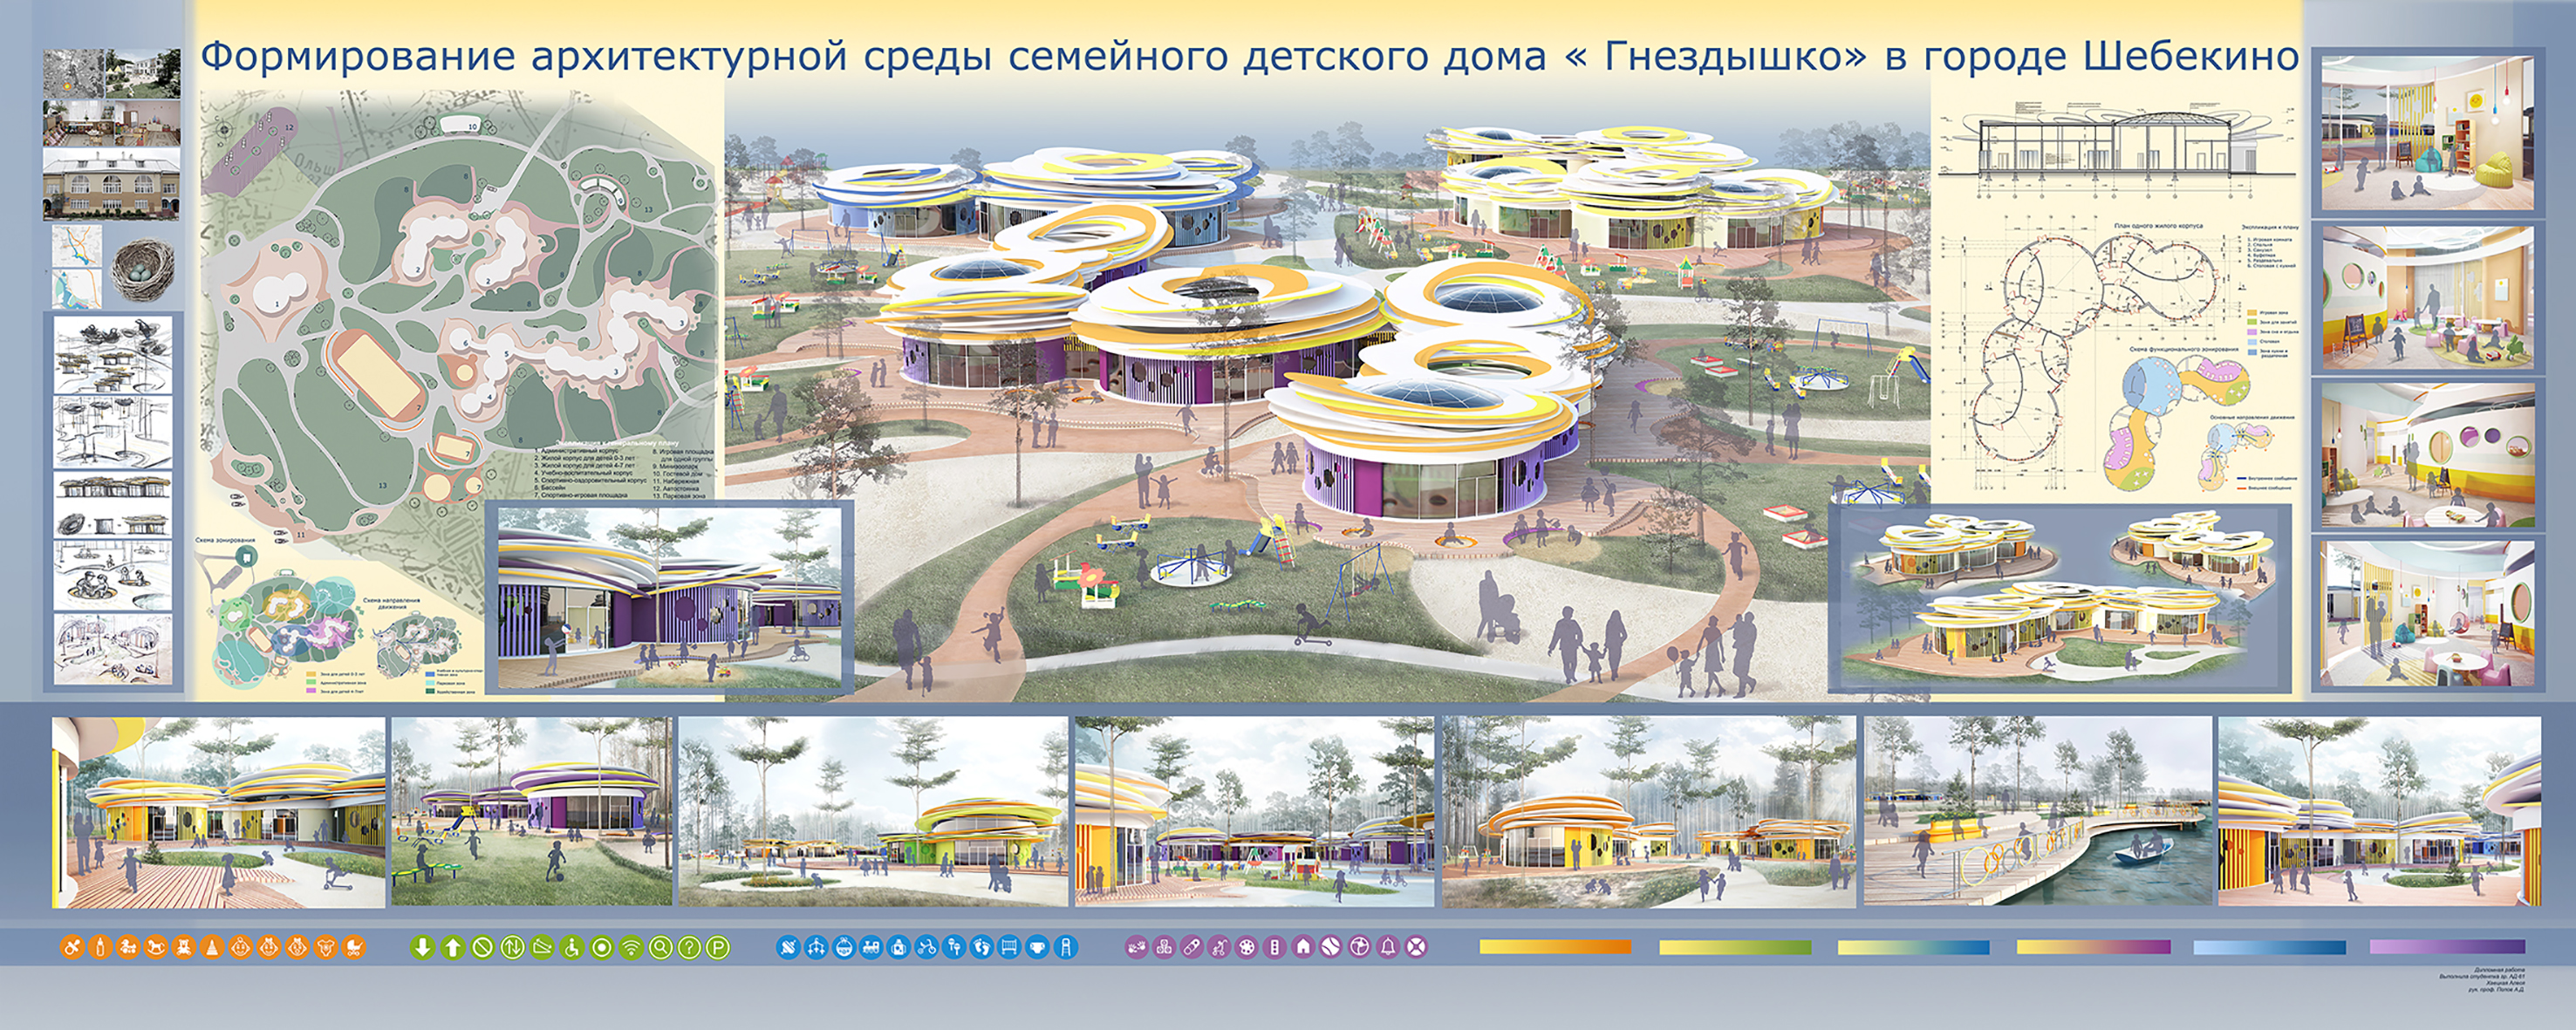 Кафедра дизайна архитектурной среды Ссылка для скачивания полноразмерного дипломного проекта